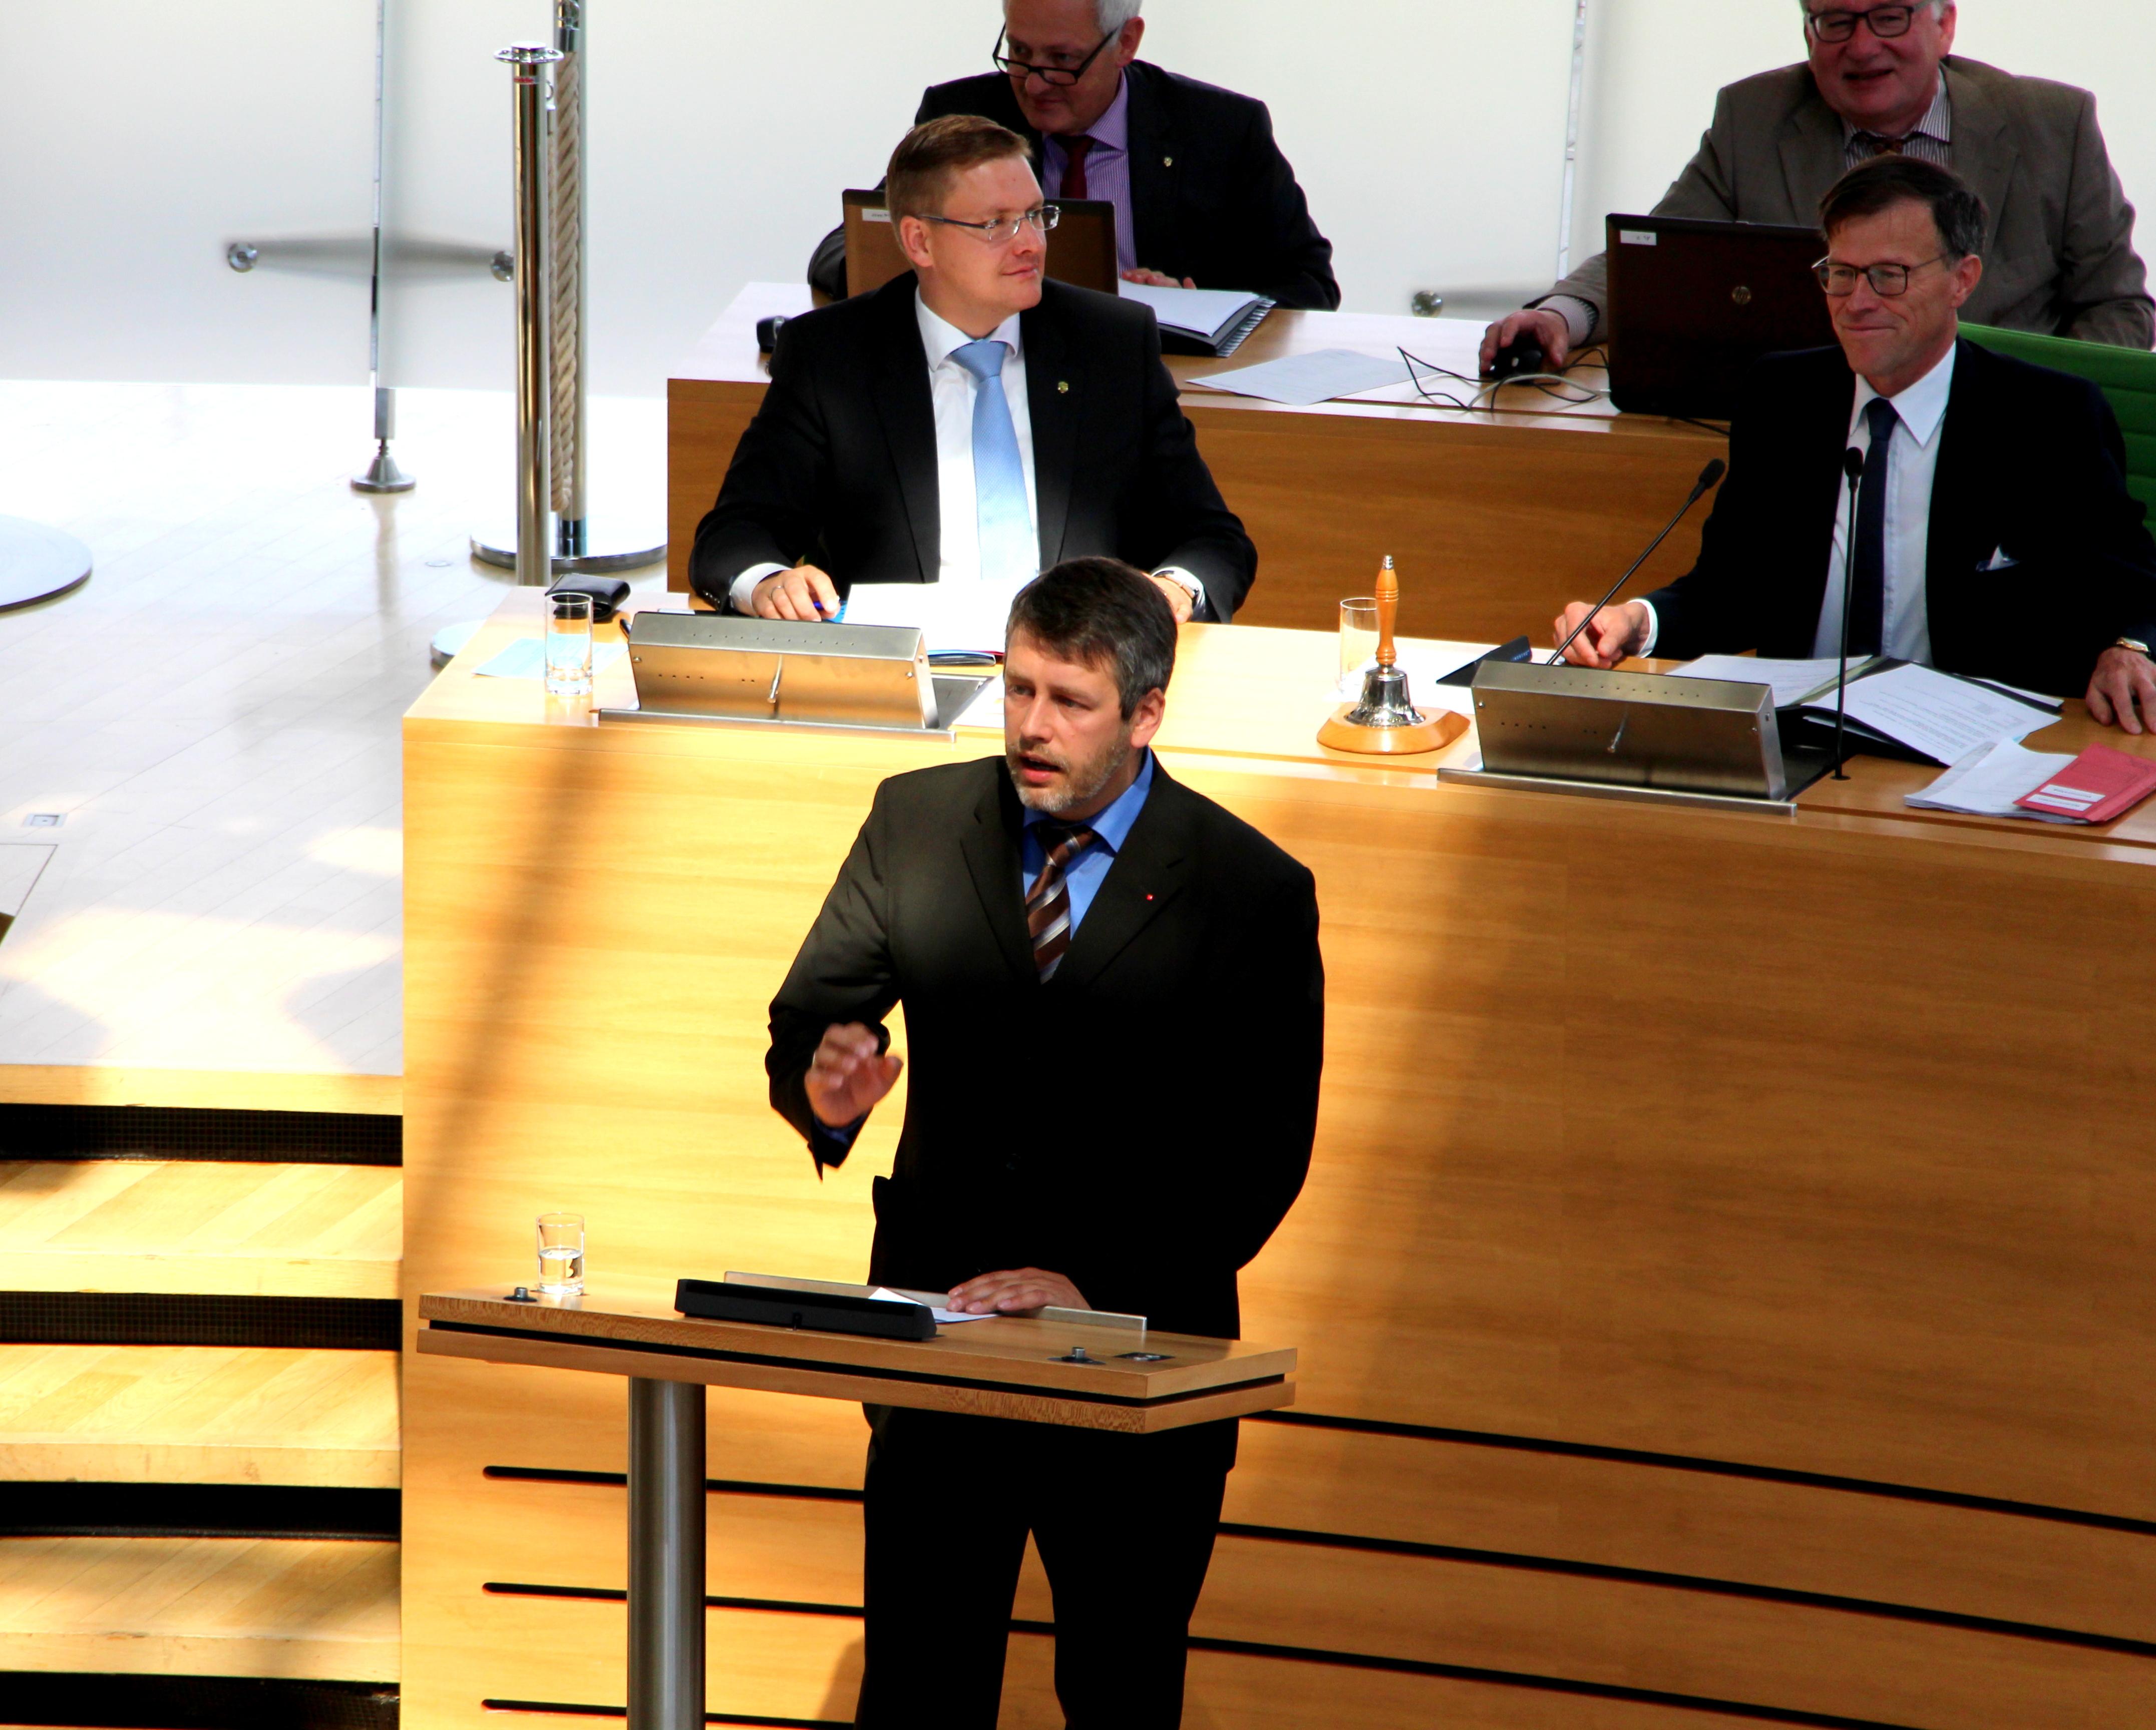 Sachsen darf kein Land für politisch motivierte Gewalttäter sein – breiter Schulterschluss nötig